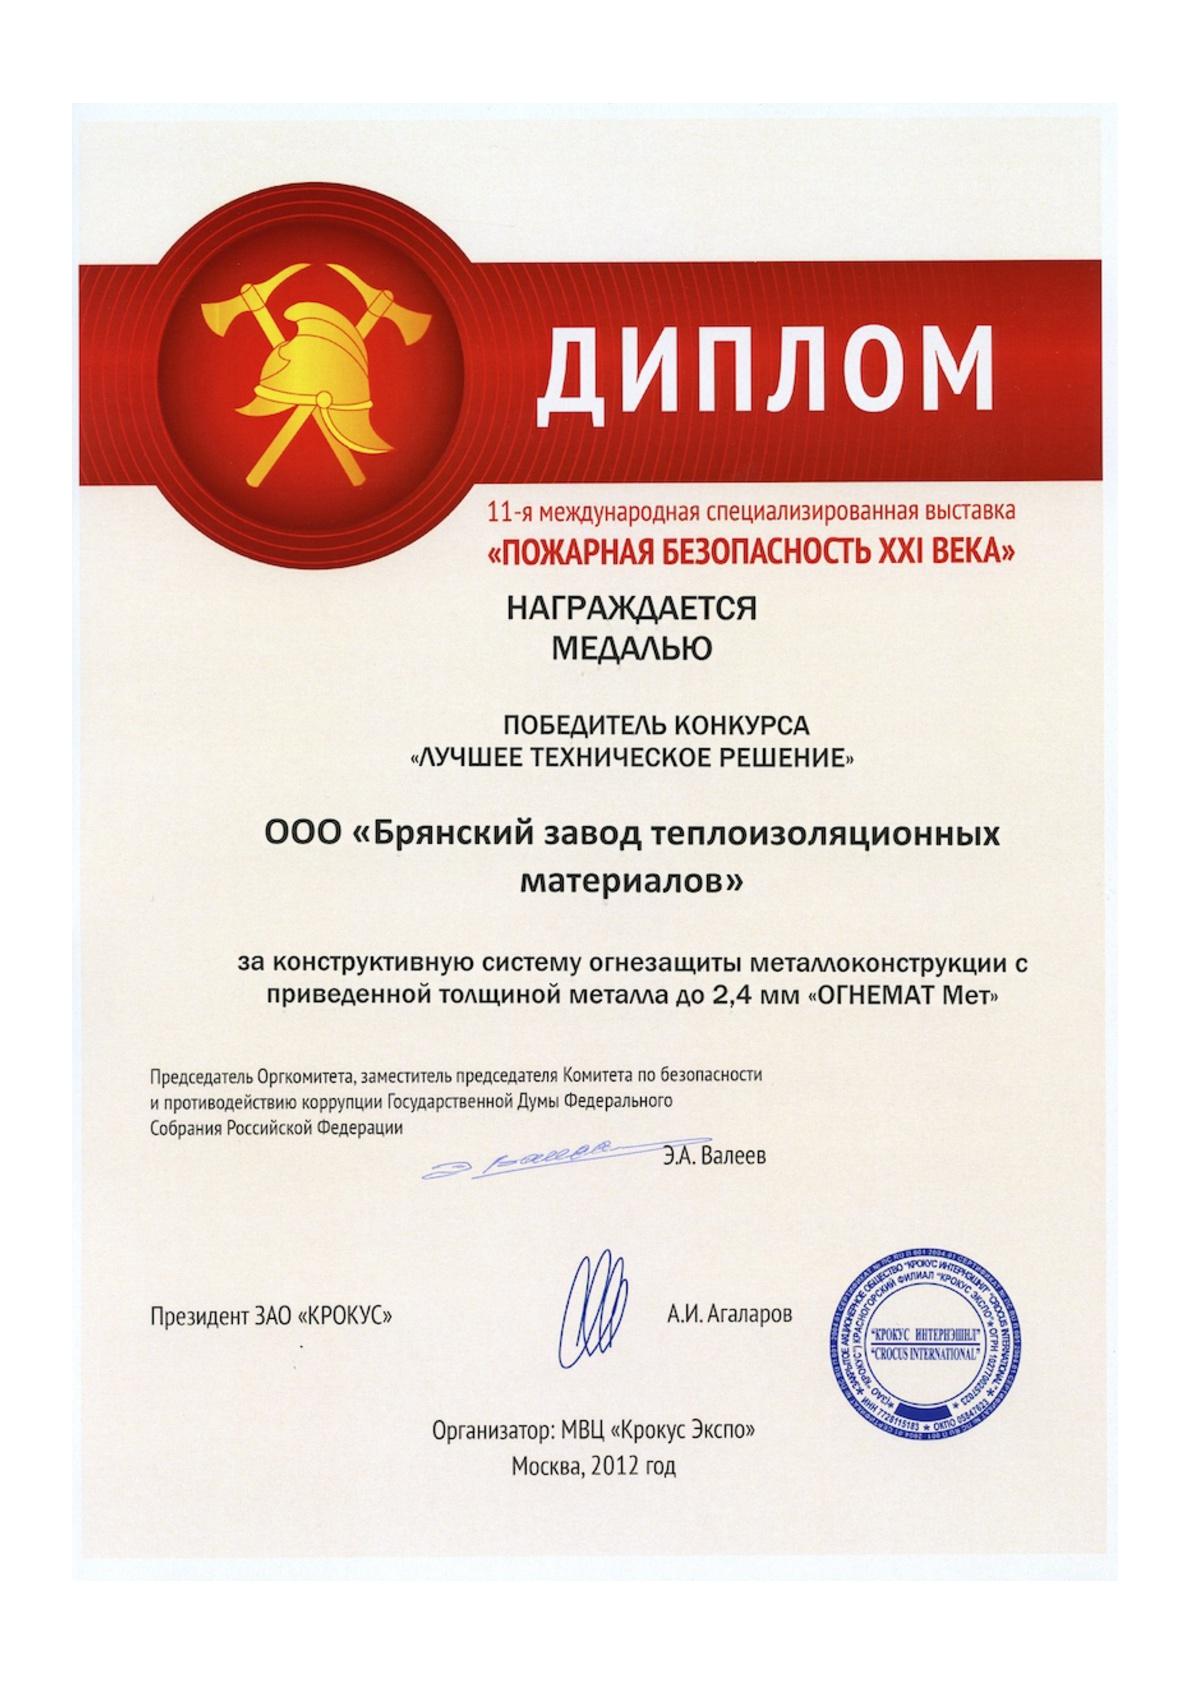 Диплом победитель конкурса Лучшее техническое решение